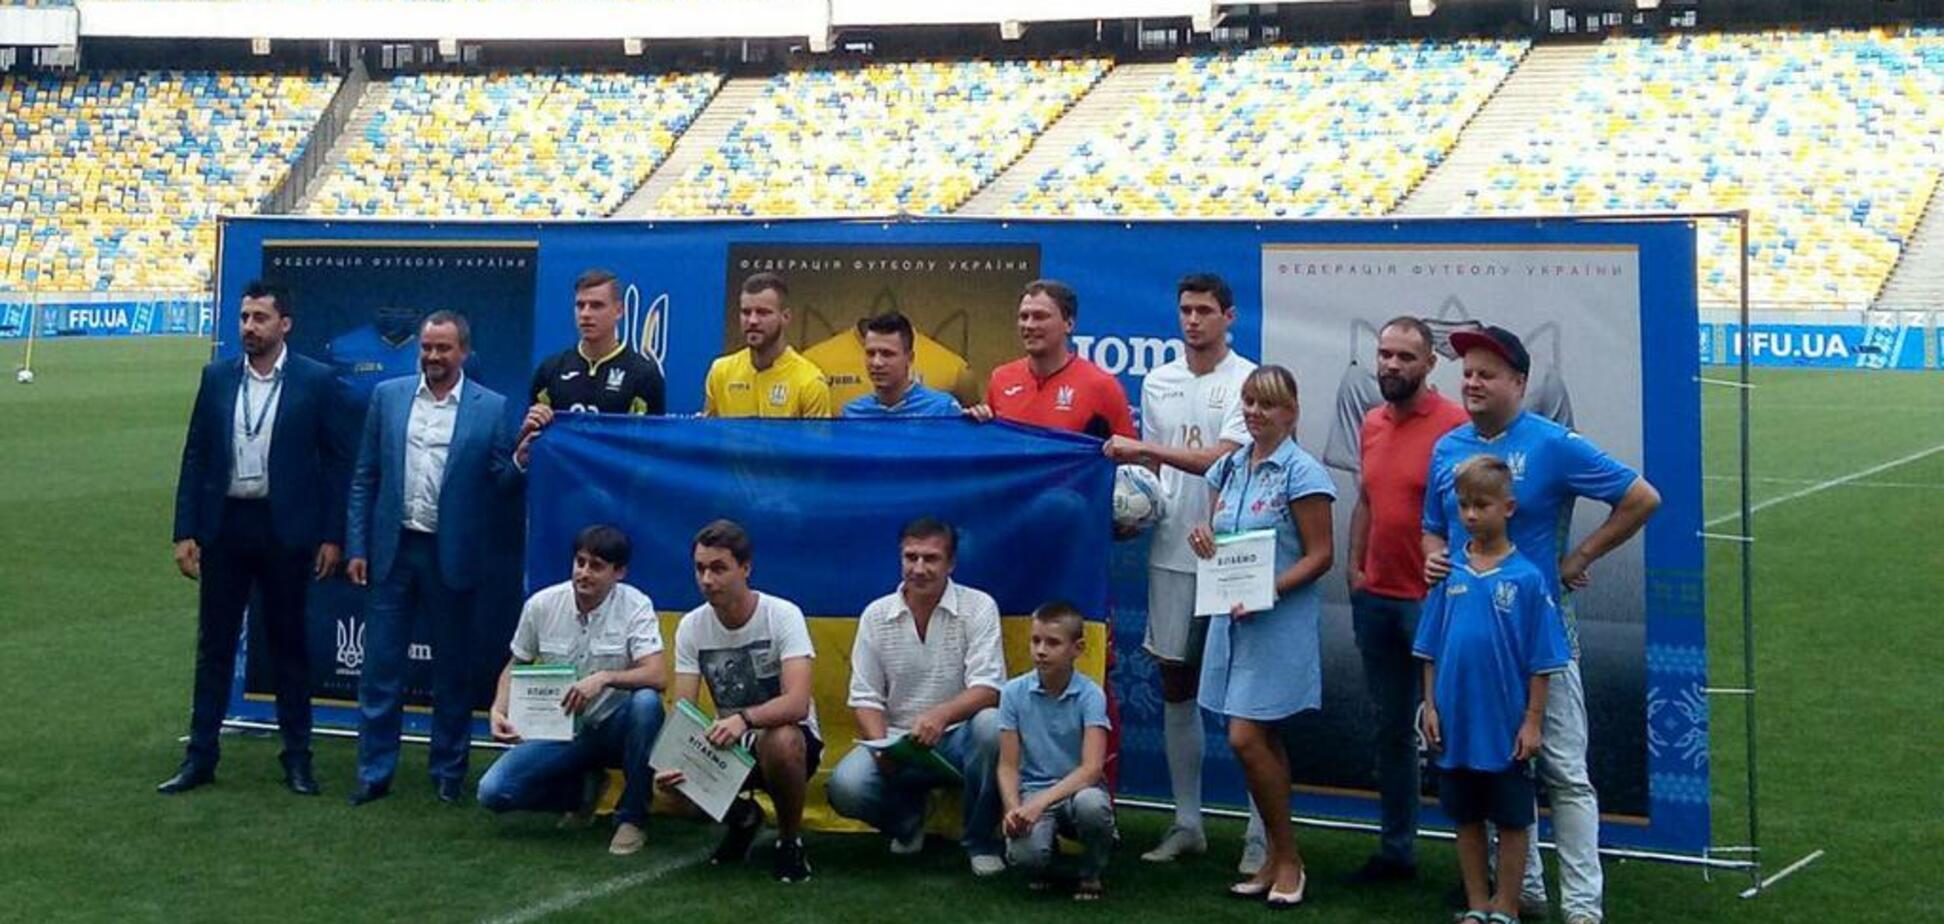 Нова форма збірної України з футболу викликала агонію у російських уболівальників